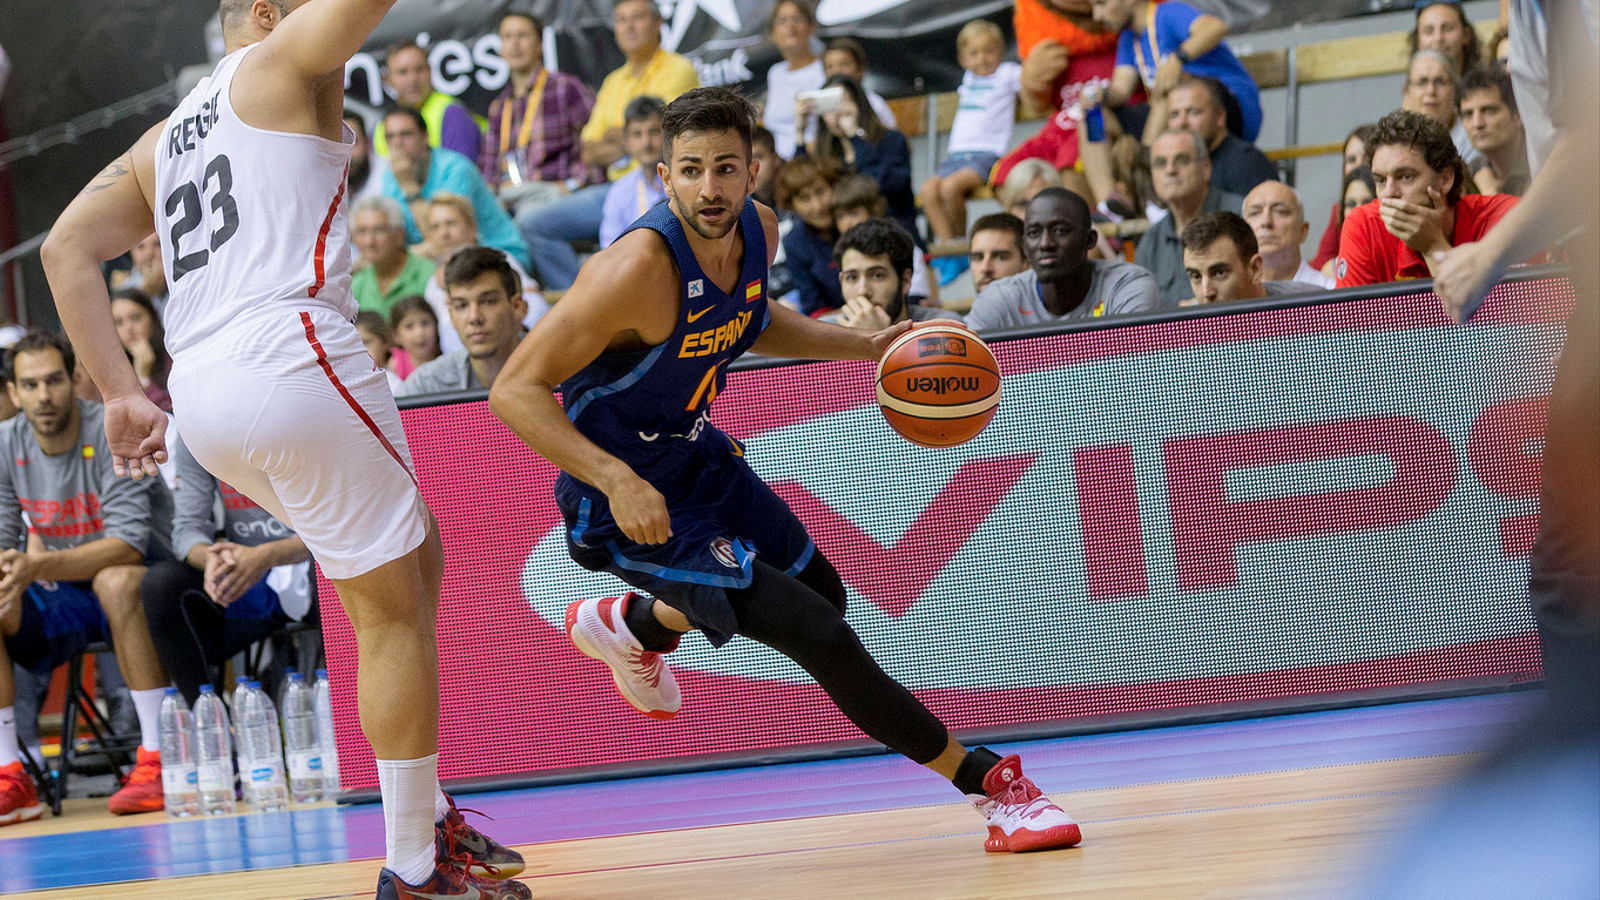 Ricky Rubio lidera el joc de la selecció espanyola de bàsquet